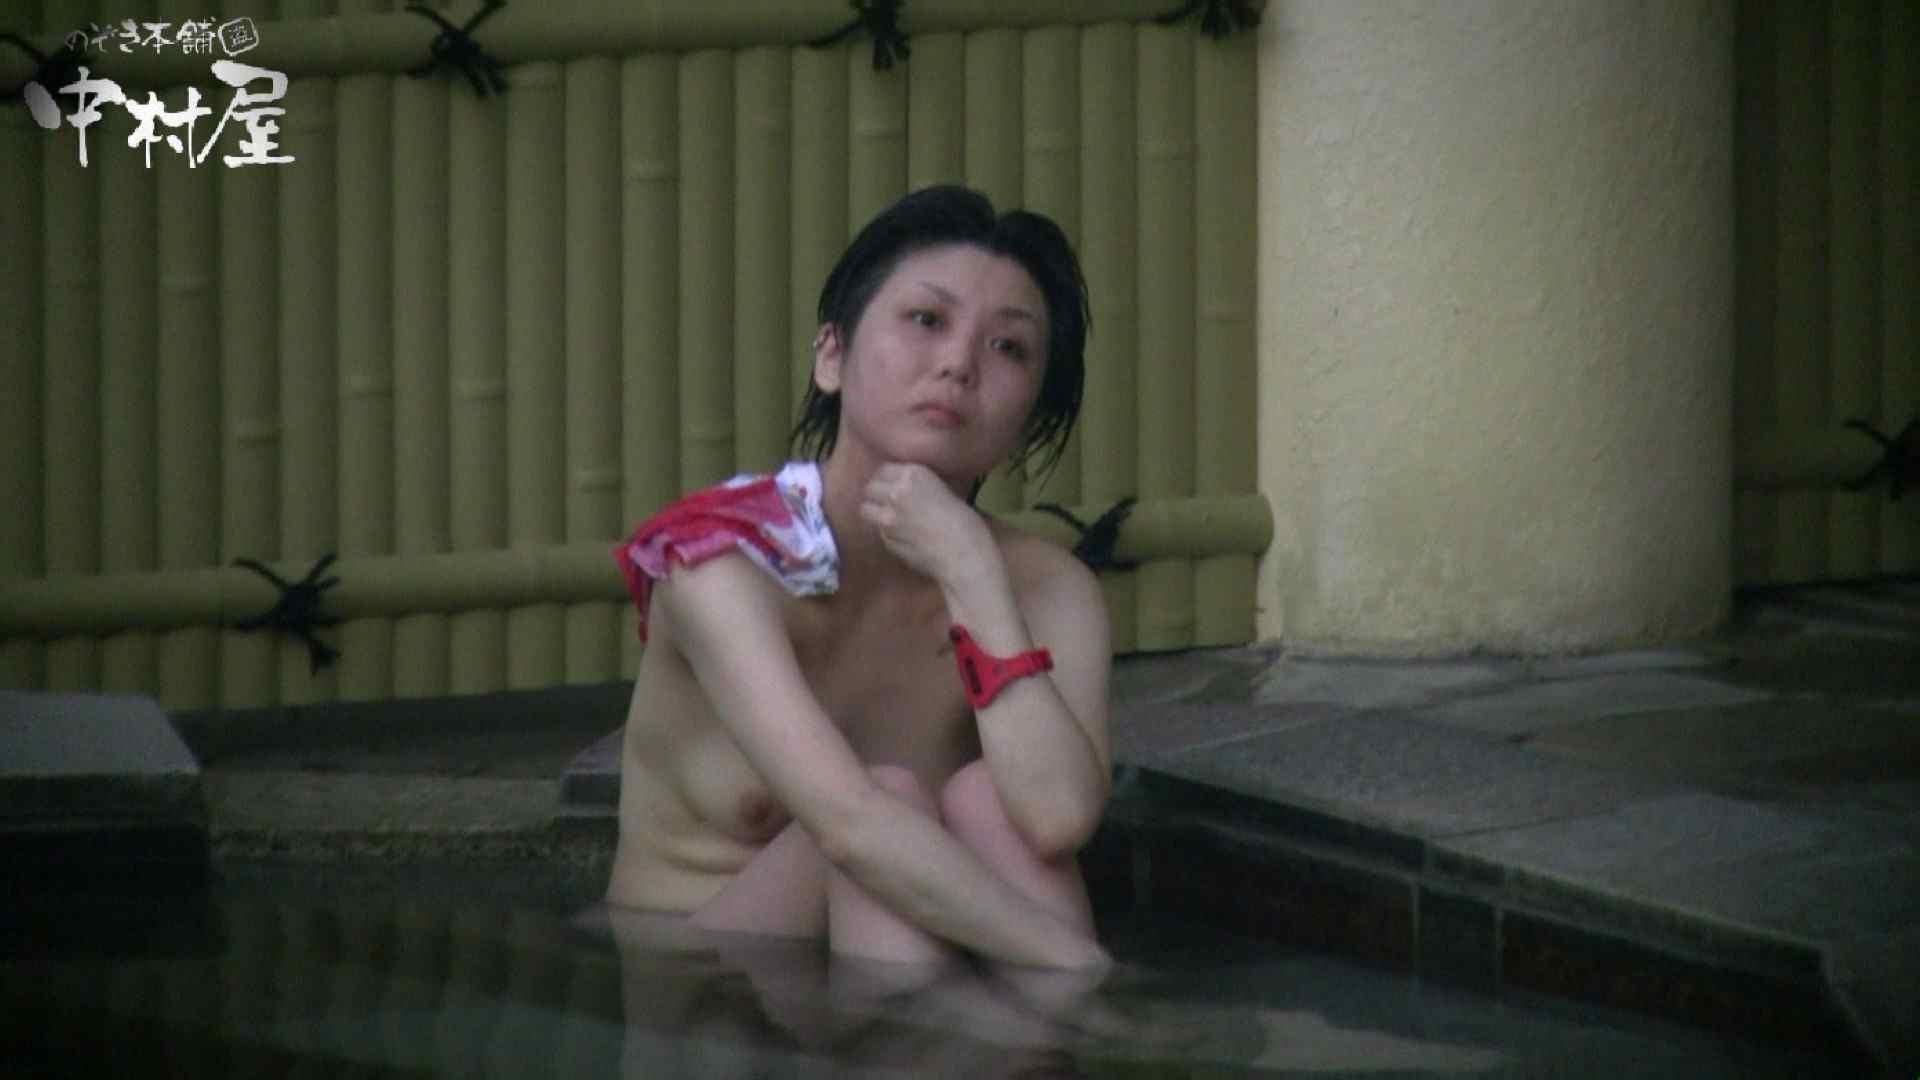 Aquaな露天風呂Vol.884 盗撮師作品 | 美しいOLの裸体  92pic 85